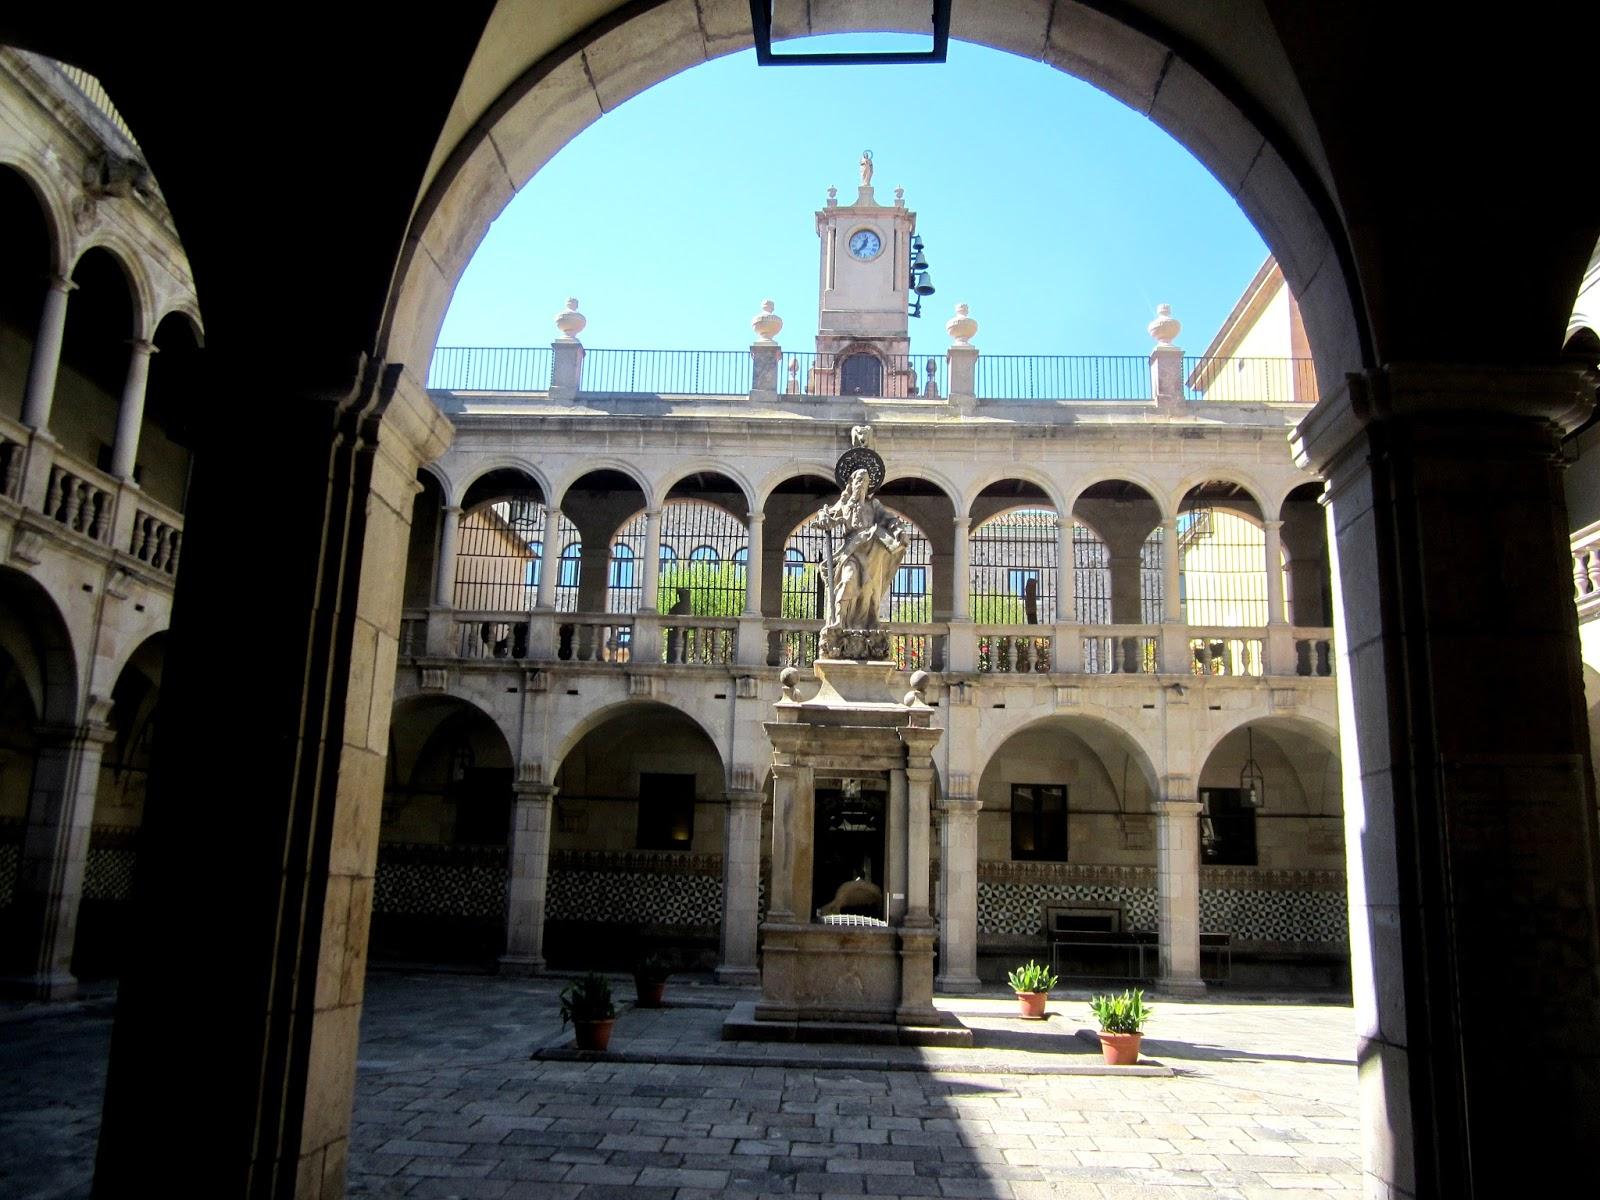 Redescubriendo barcelona y m s all 30 03 2016 casa de - Antigua casa jove ...